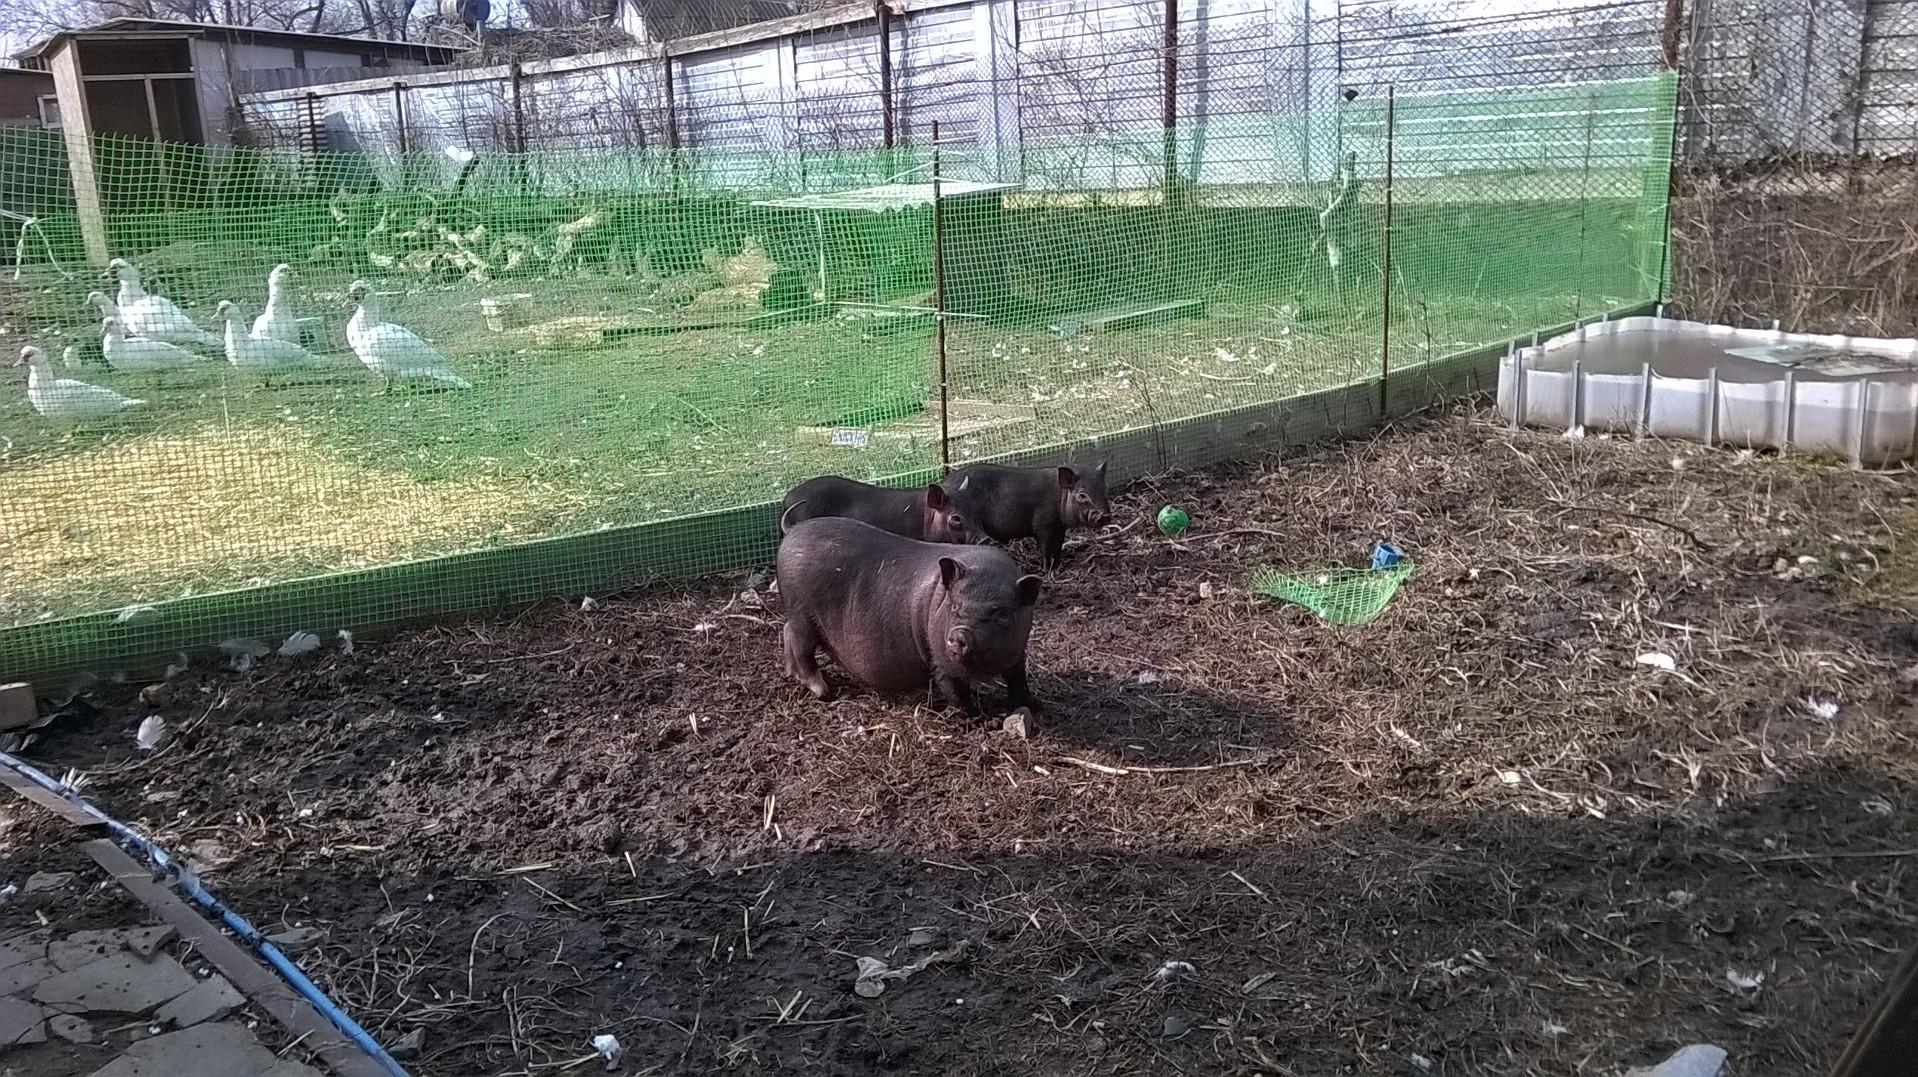 кормление - Вьетнамская вислобрюхая порода свиней (содержание, кормление и разведение) 0015879001456253381